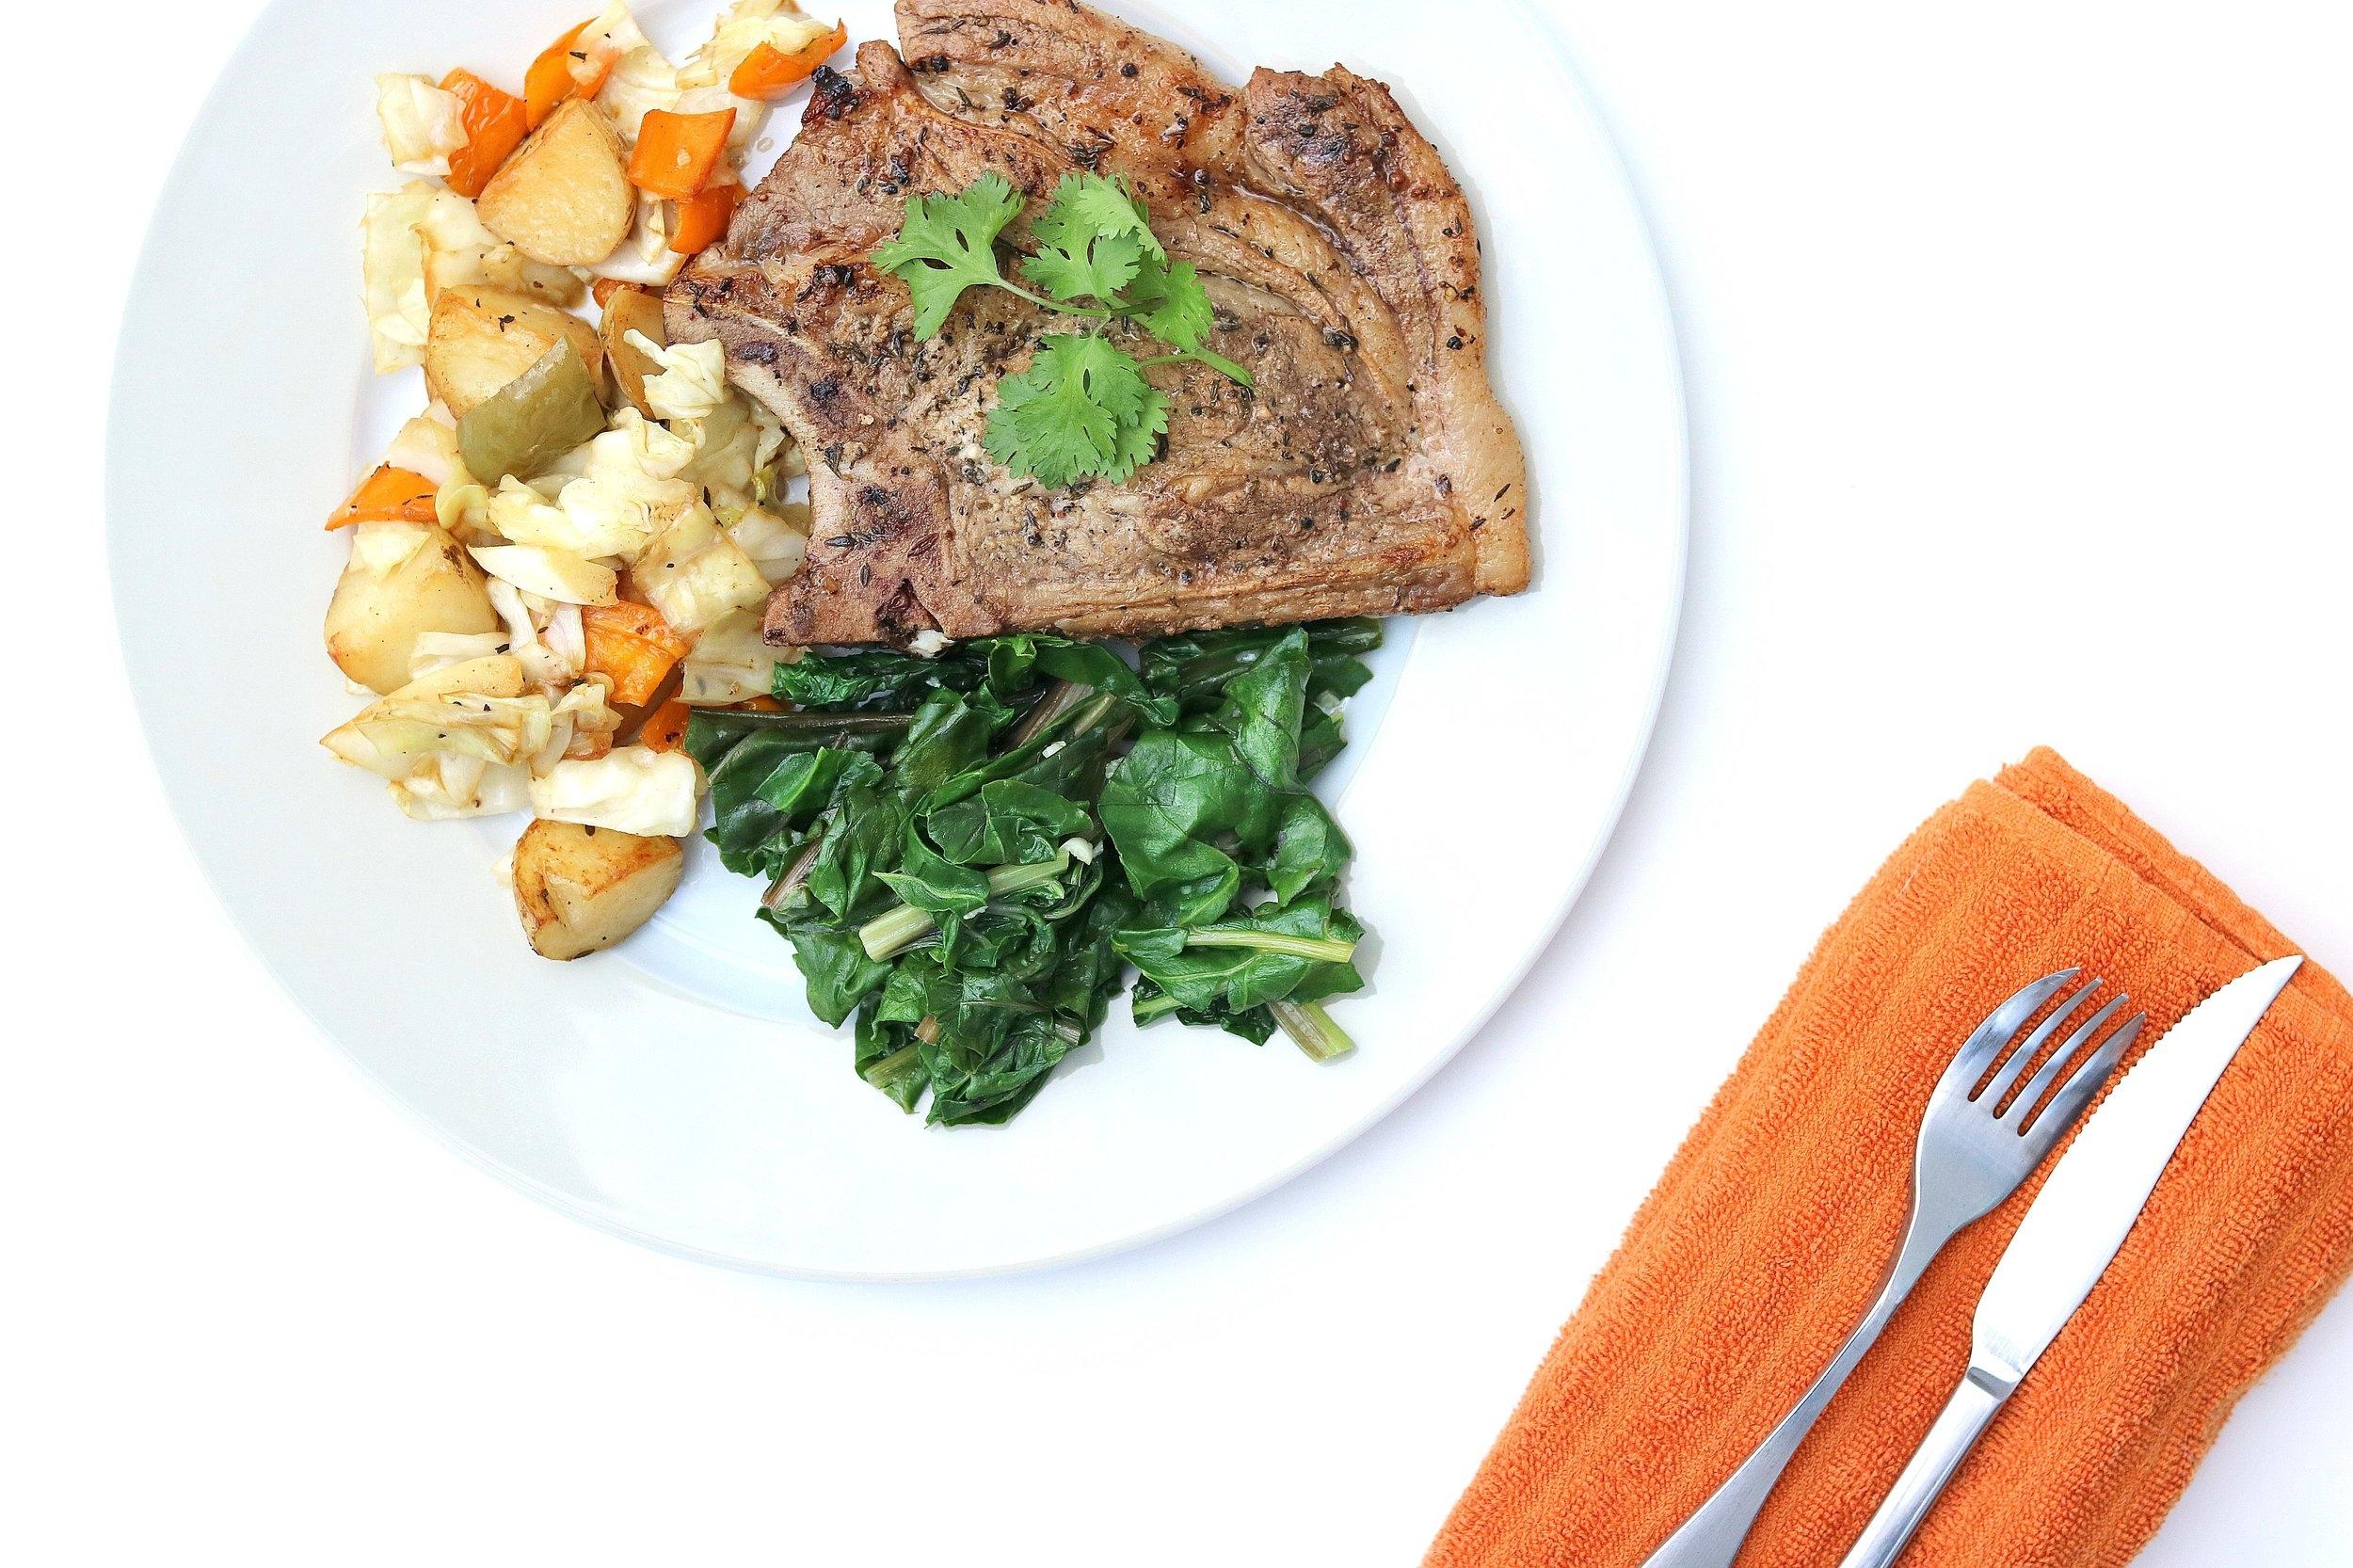 Juicy Pork Chop with Roasted Veggies